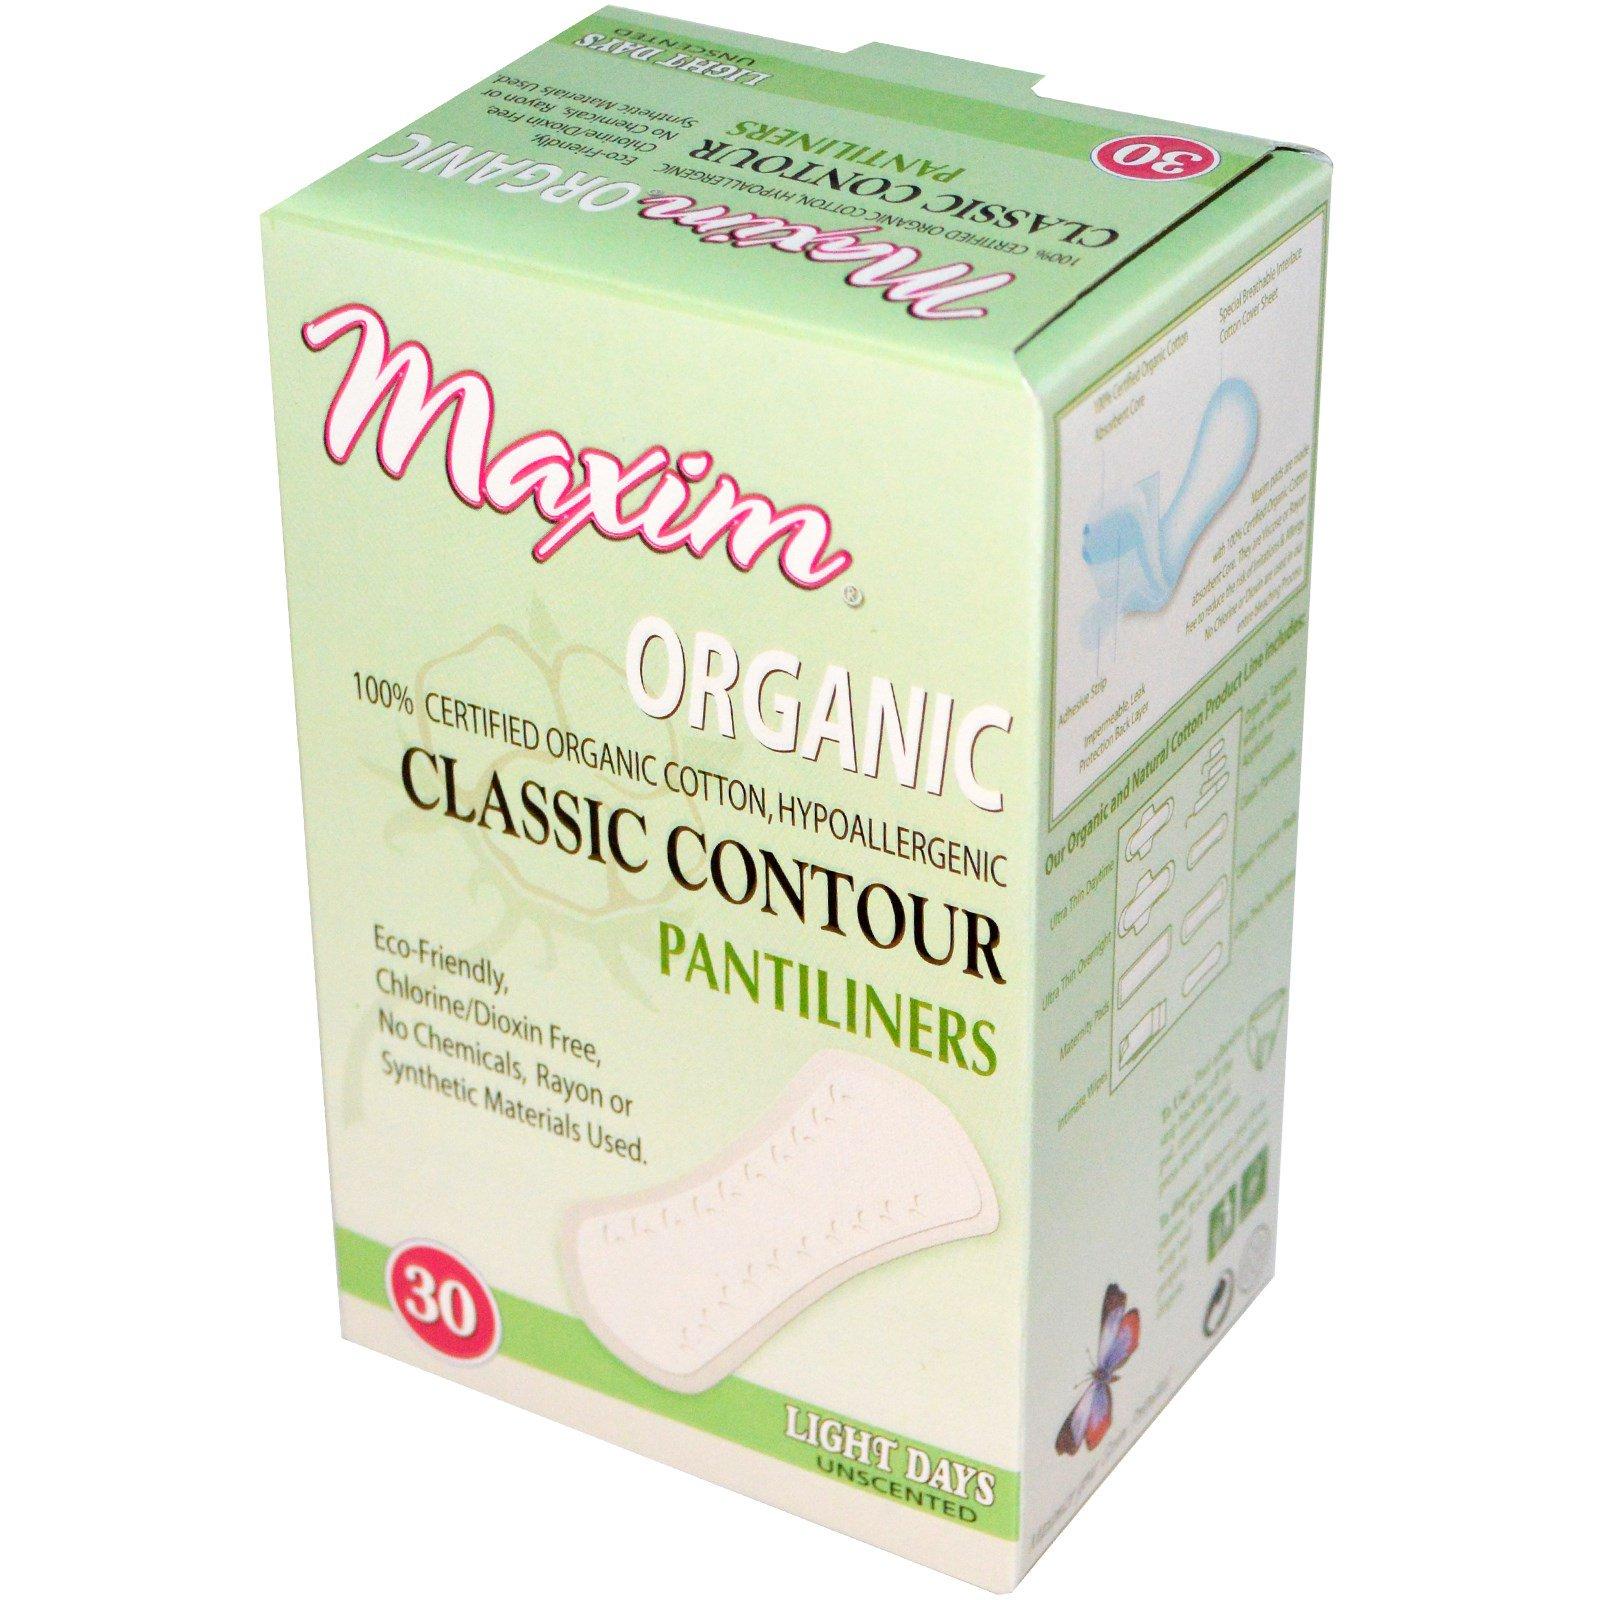 Maxim Hygiene Products, Органическая классическая контурная прокладка, светлые дни, без запаха, 30 прокладок